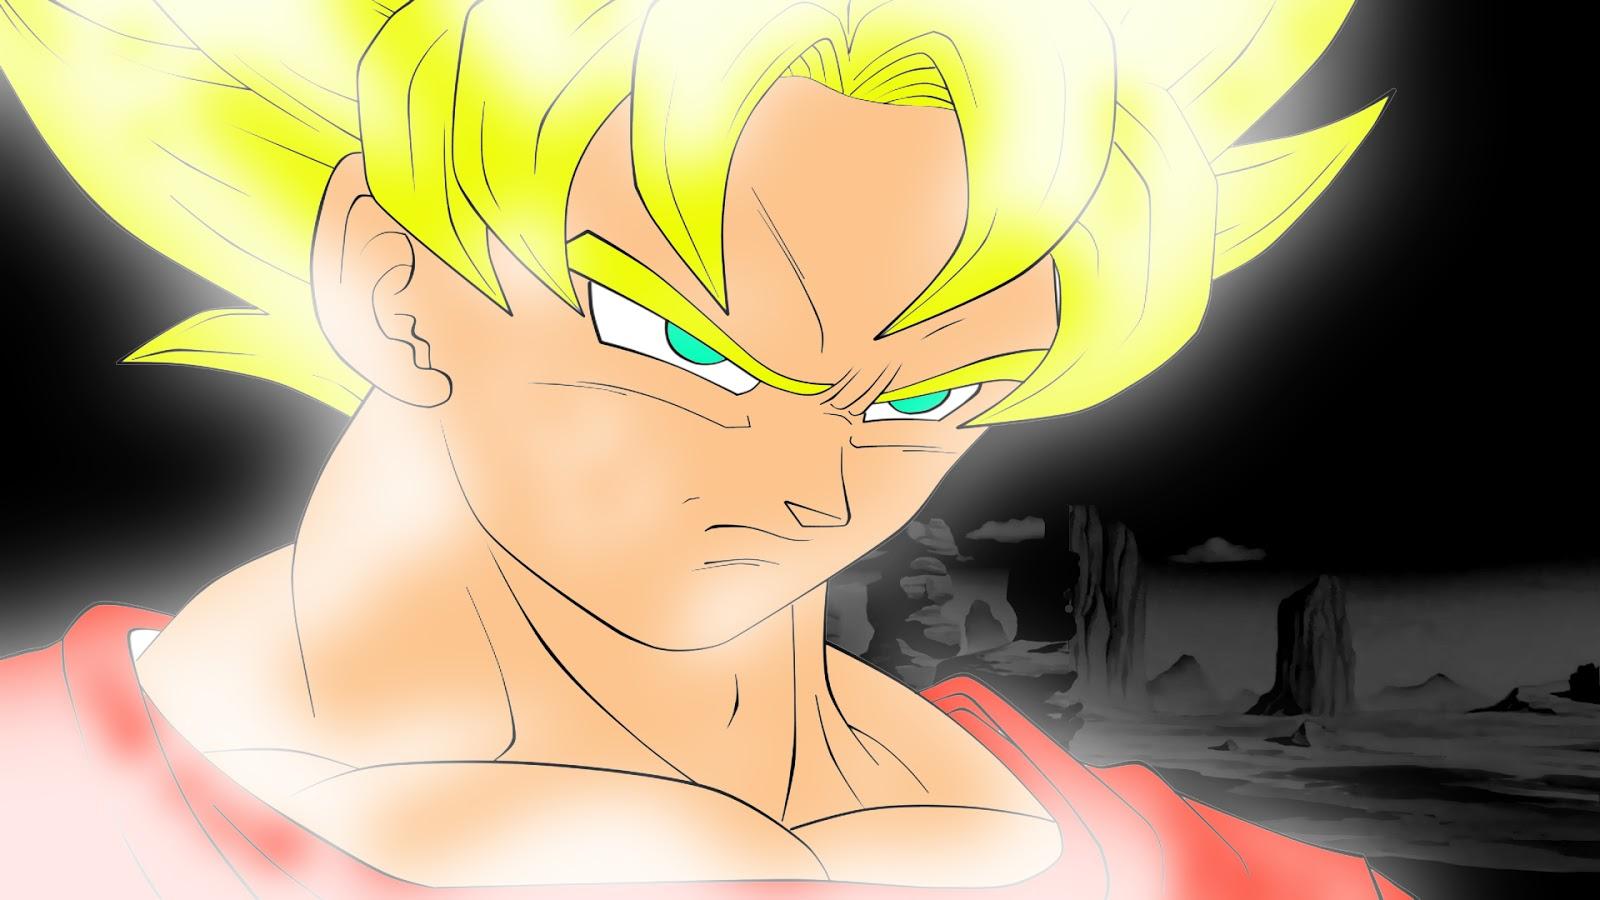 Fondos De Pantalla De Dragon Ball: Foto Animada Fondo T Dragon Ball